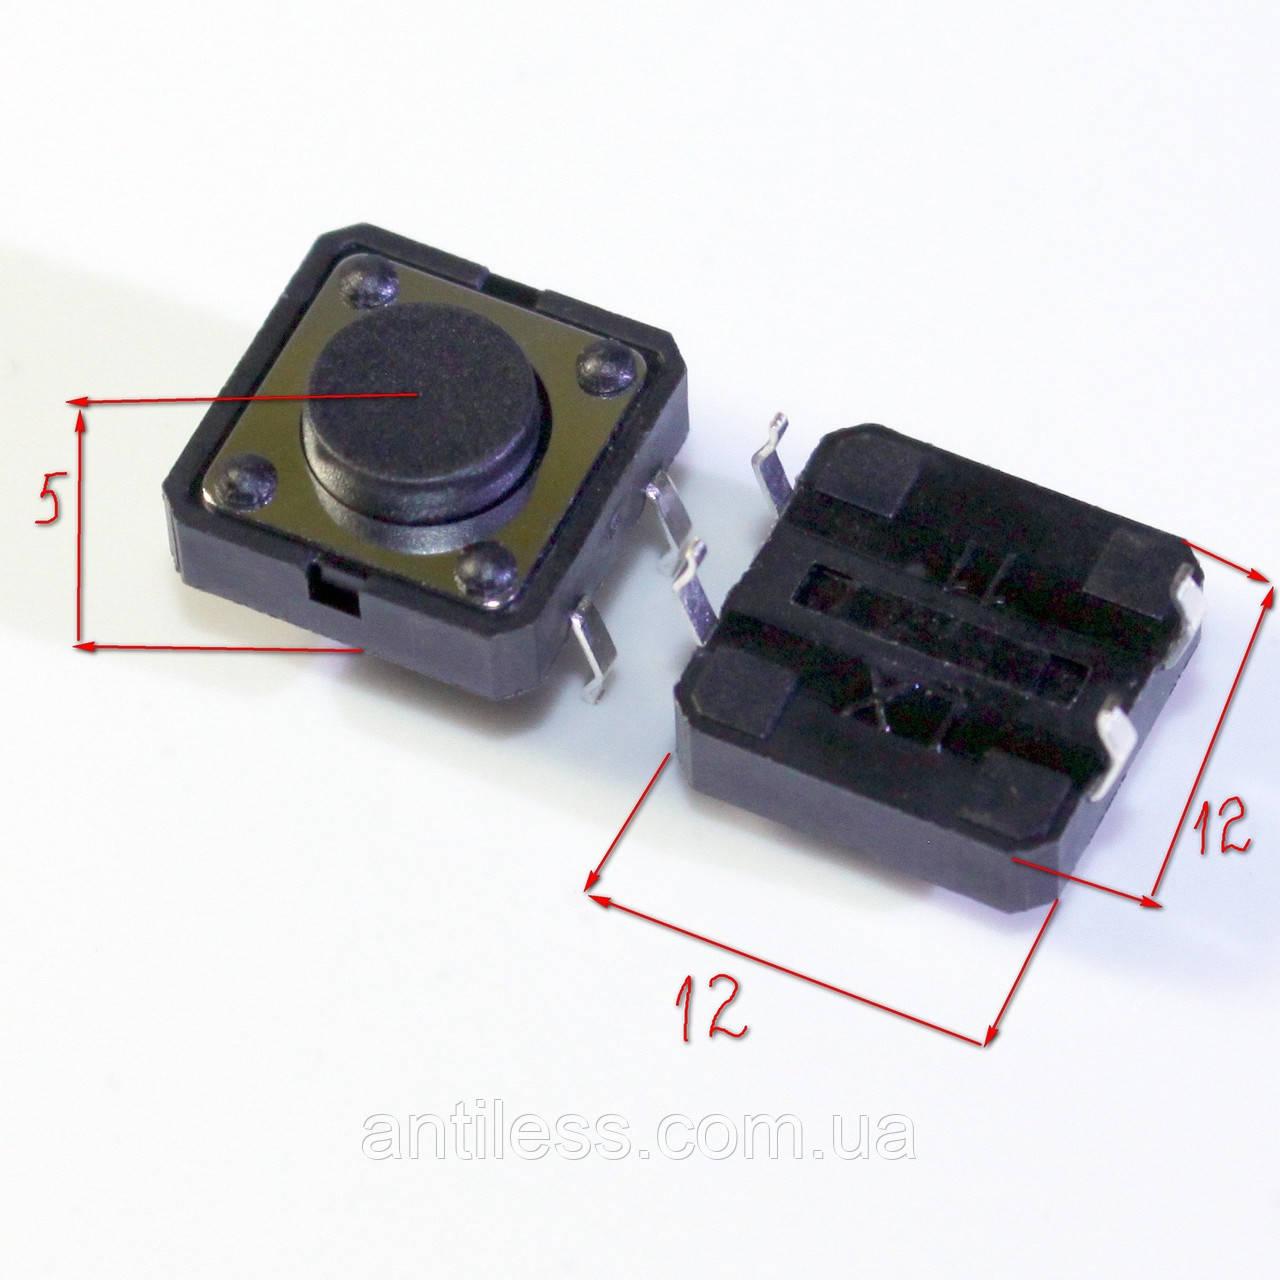 КНОПКА DIP 4 PIN 12*12*5 12x12x5 мм